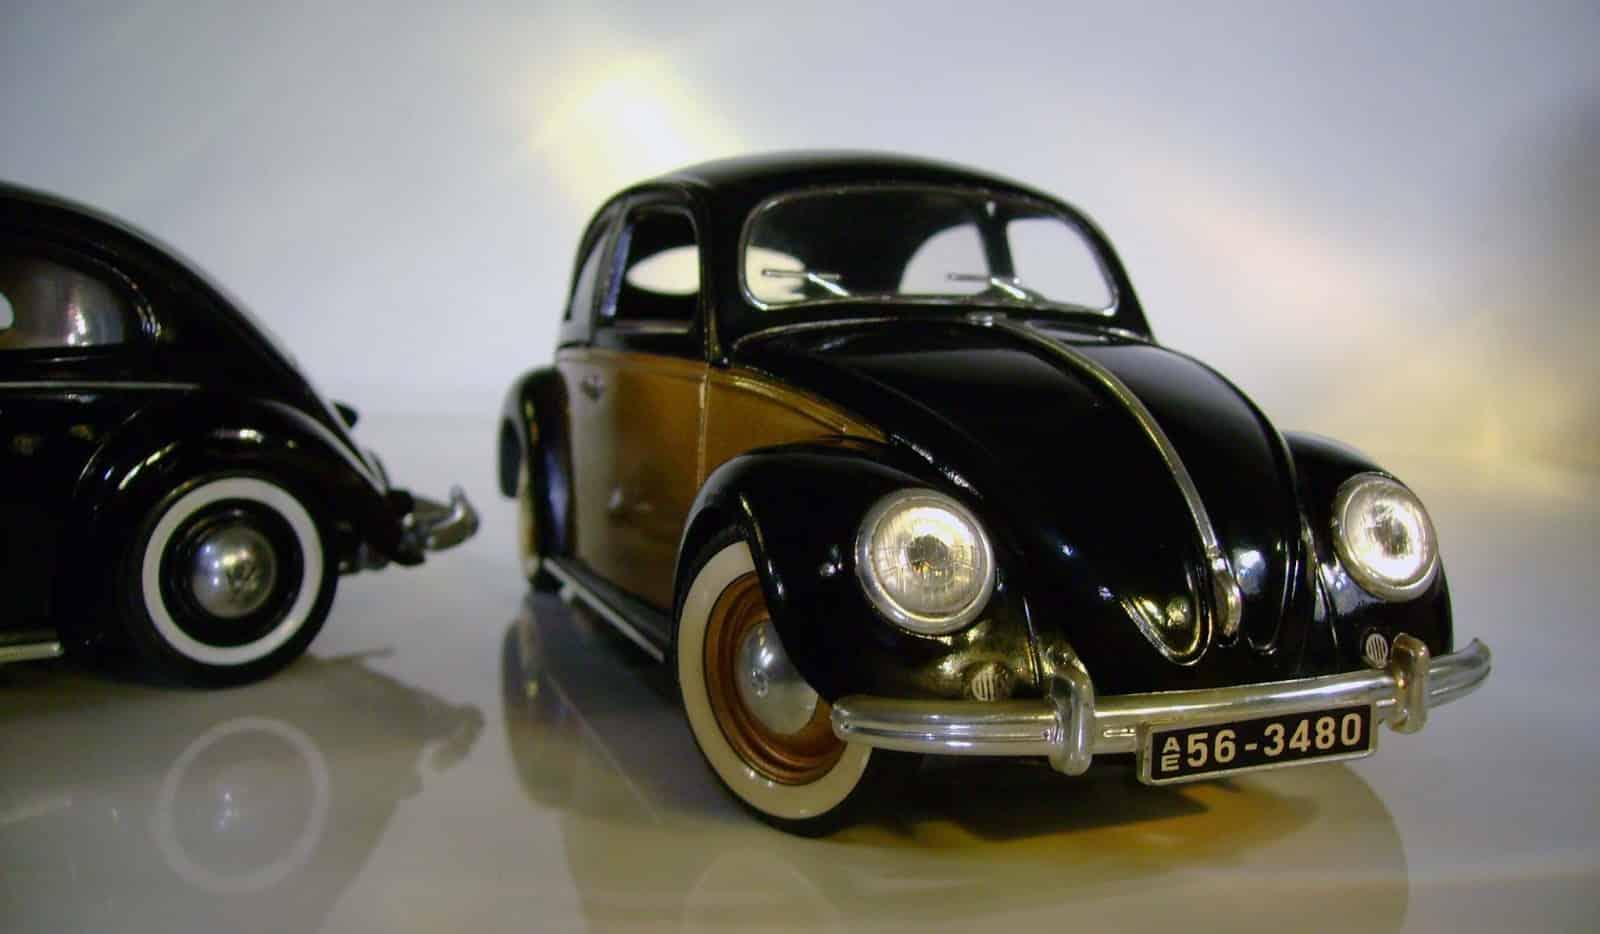 ¿Por qué le decimos Vocho al Volkswagen?